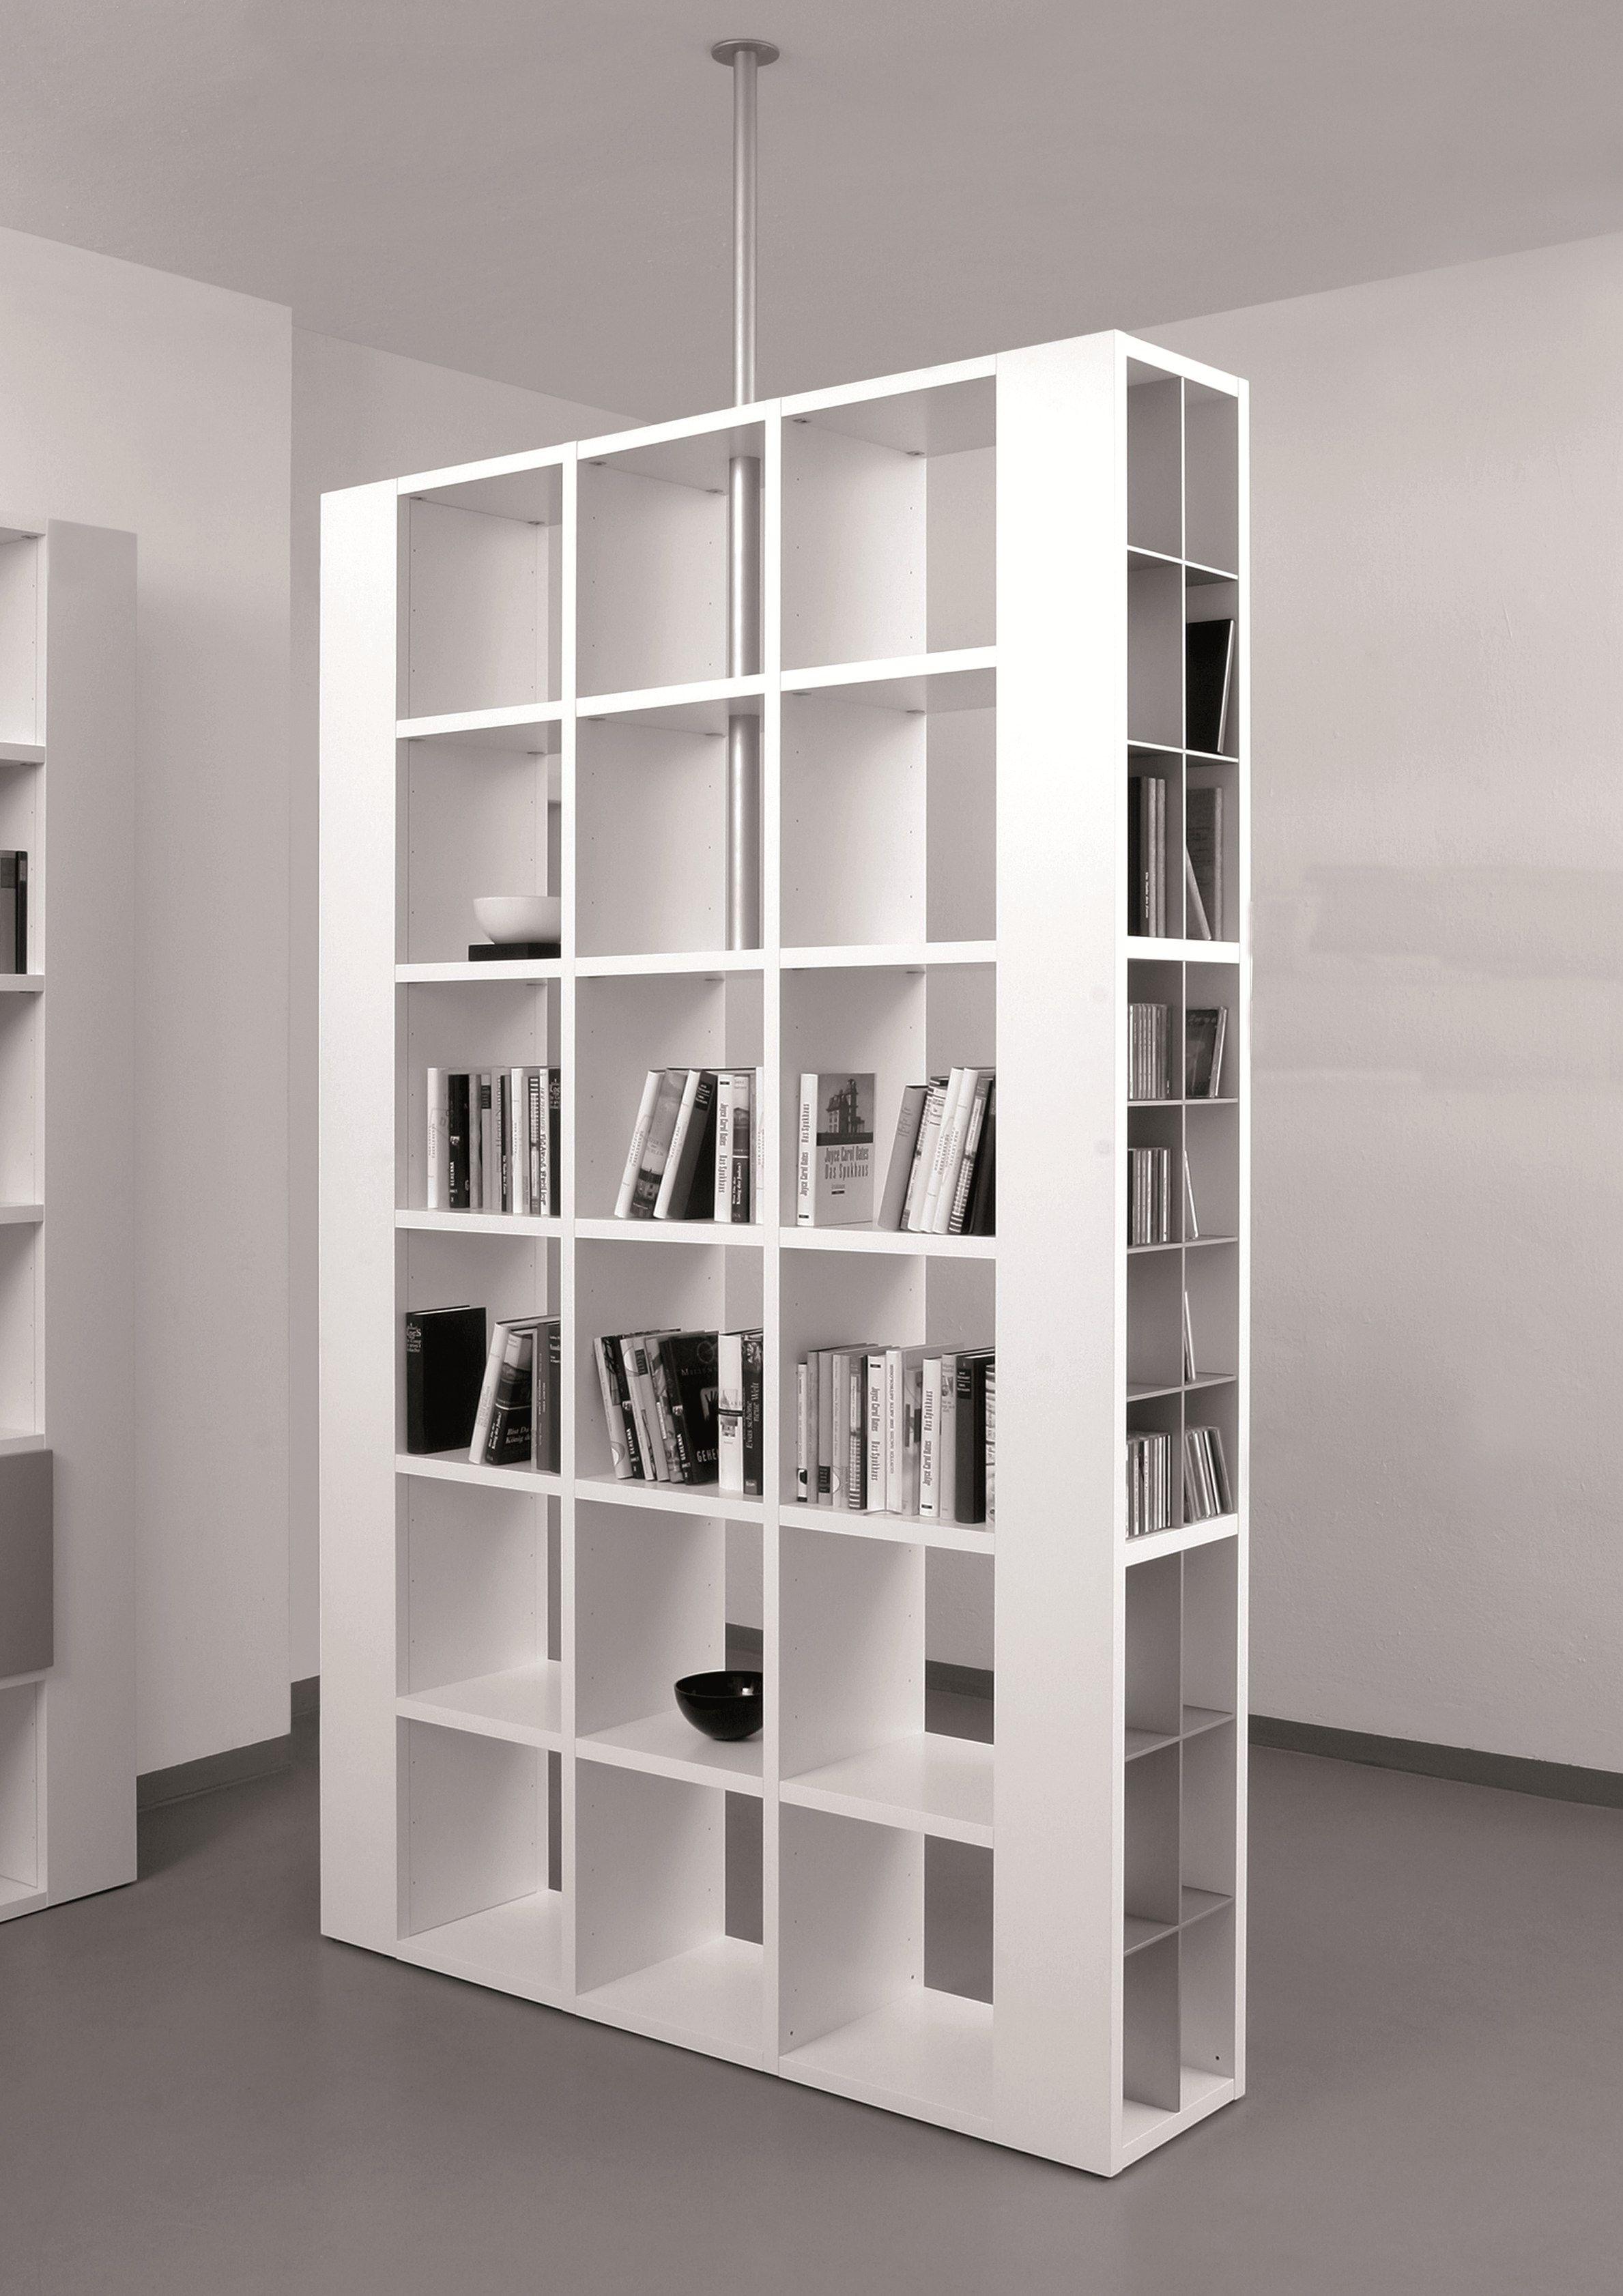 libreria bifacciale divisoria - Cerca con Google | Soggiorno ...